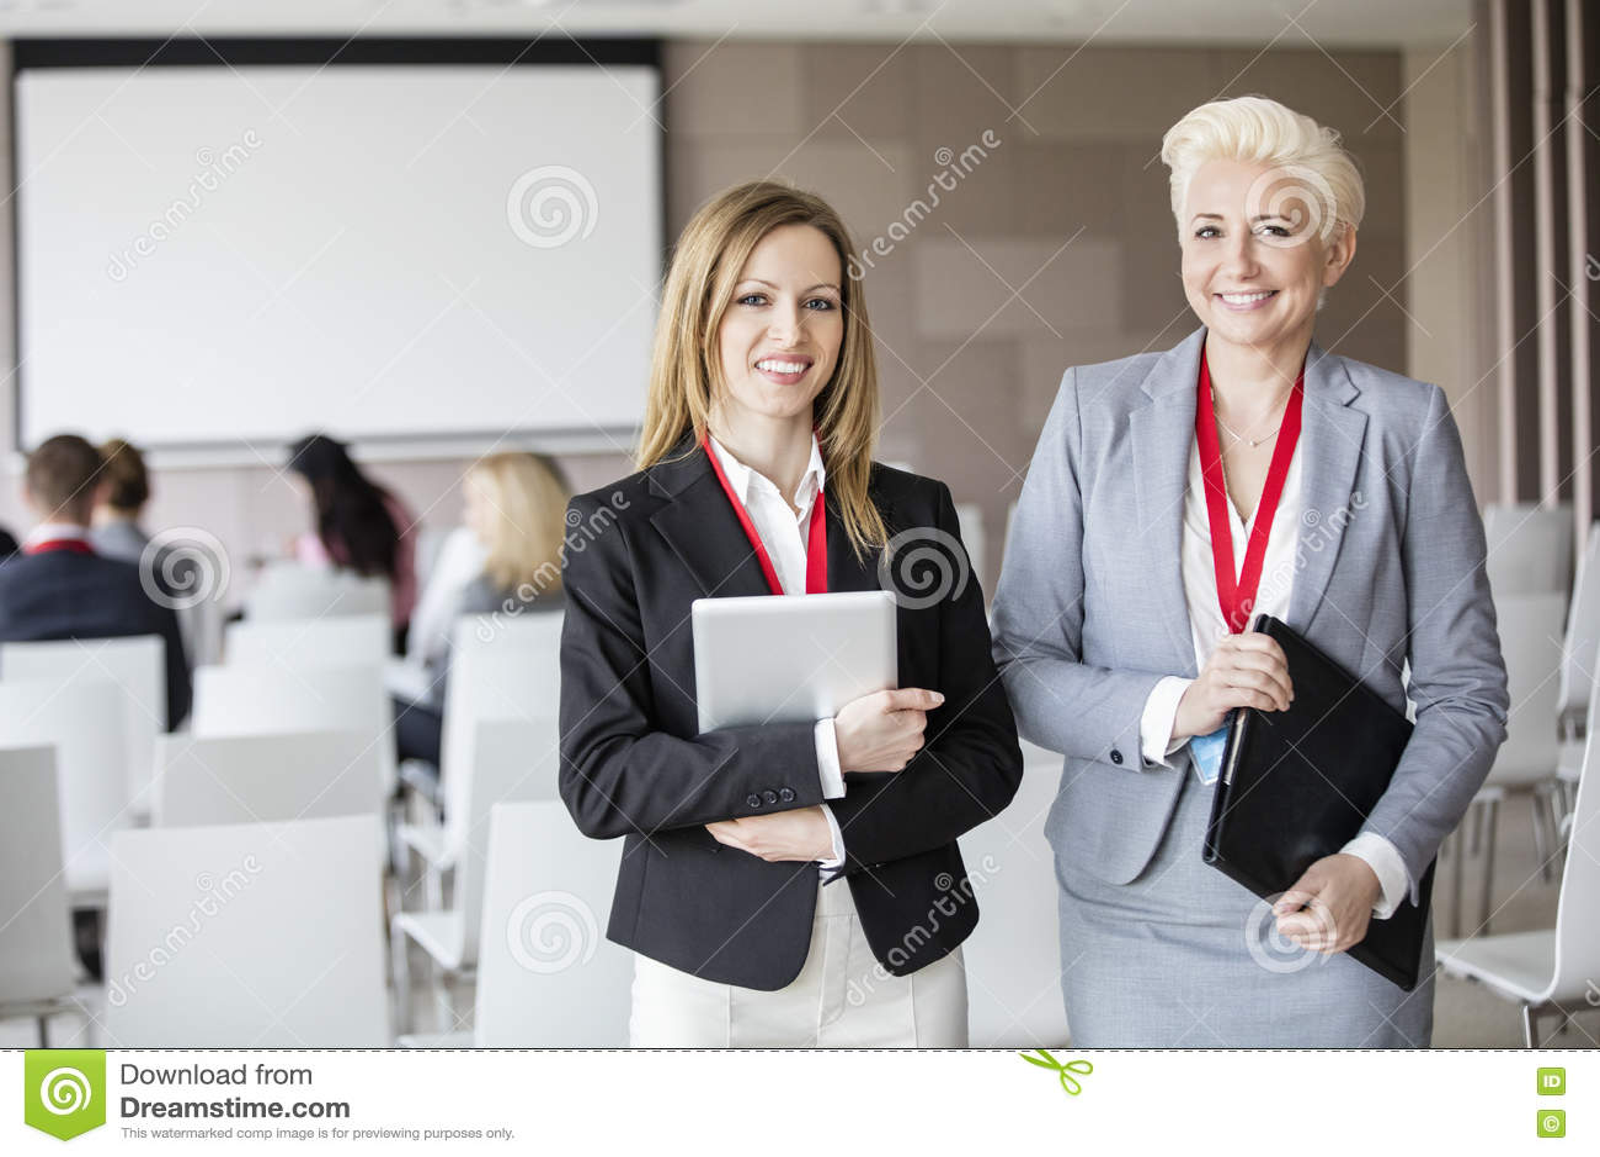 Stående av säkra affärskvinnor som står i seminariumkorridor